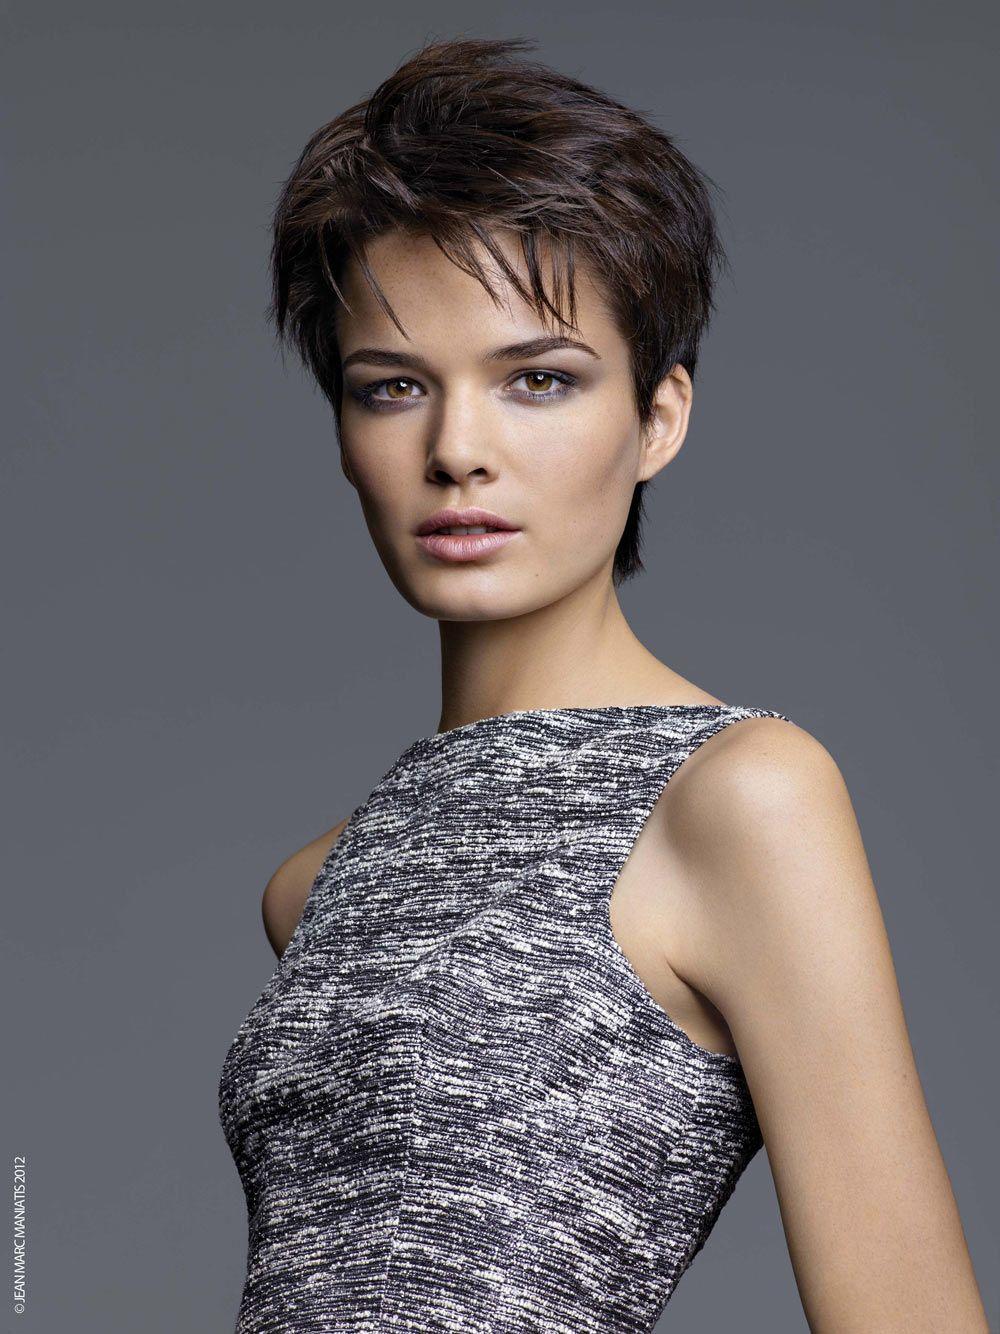 Les coupes de cheveux courtes pour femmes Blog headband